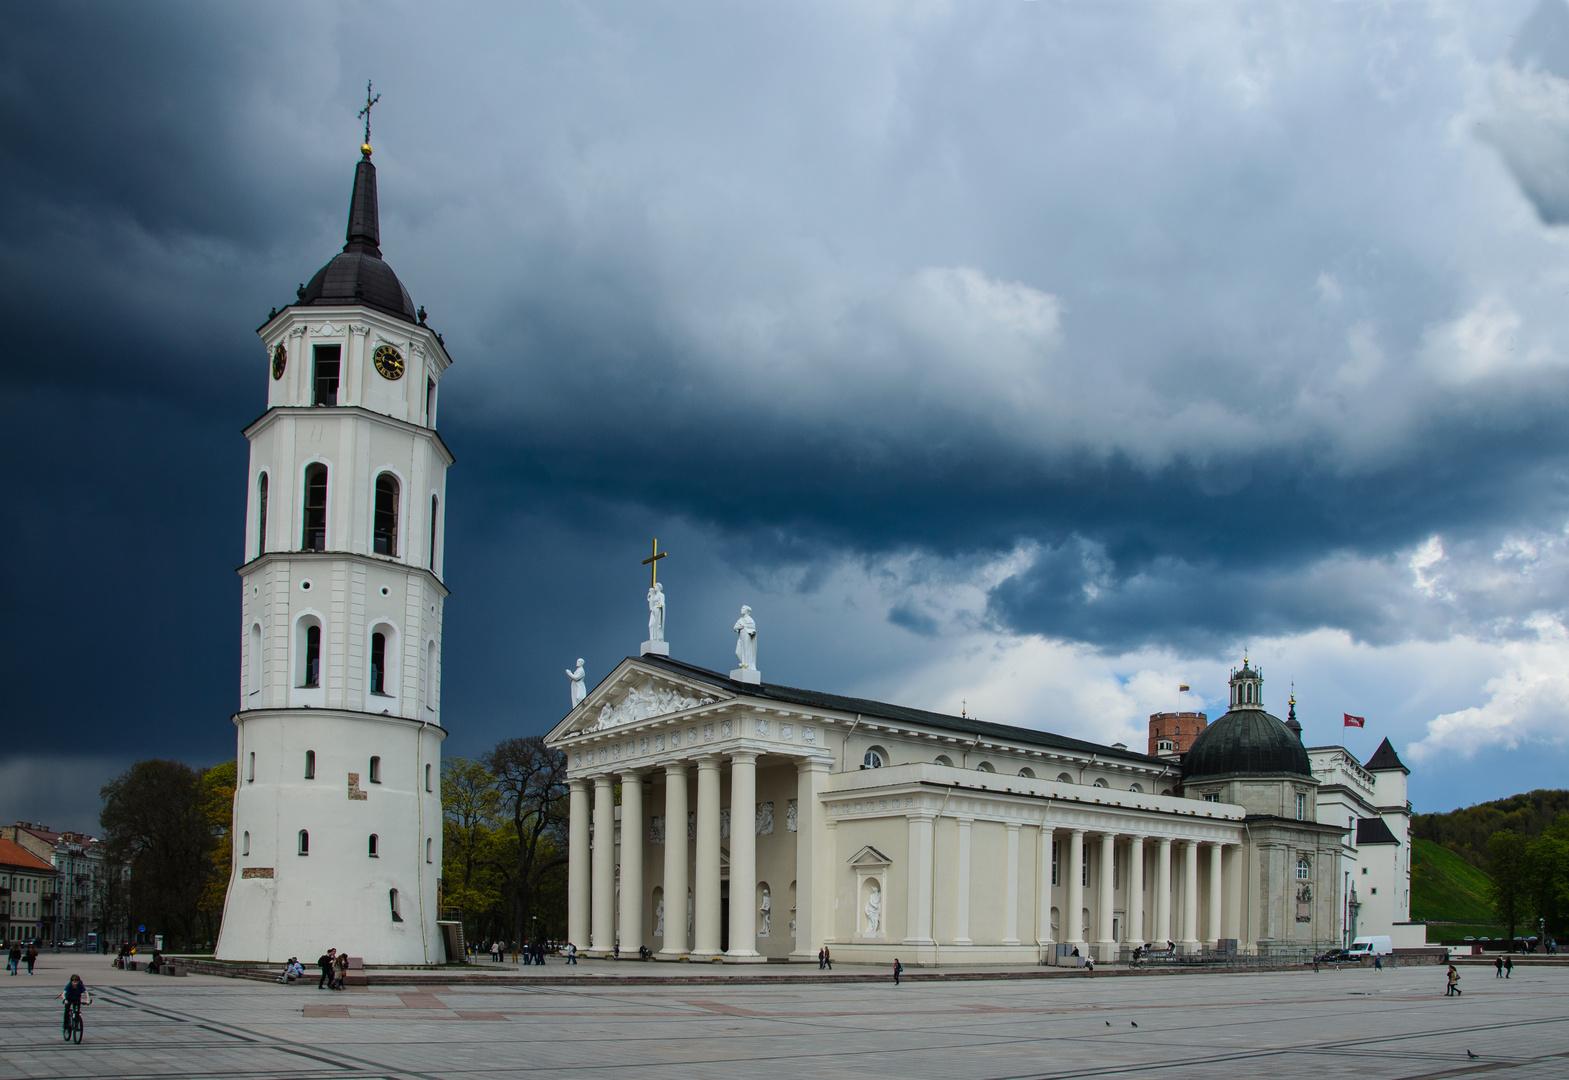 St. Stanislaus | Der Dom zu Vilnius